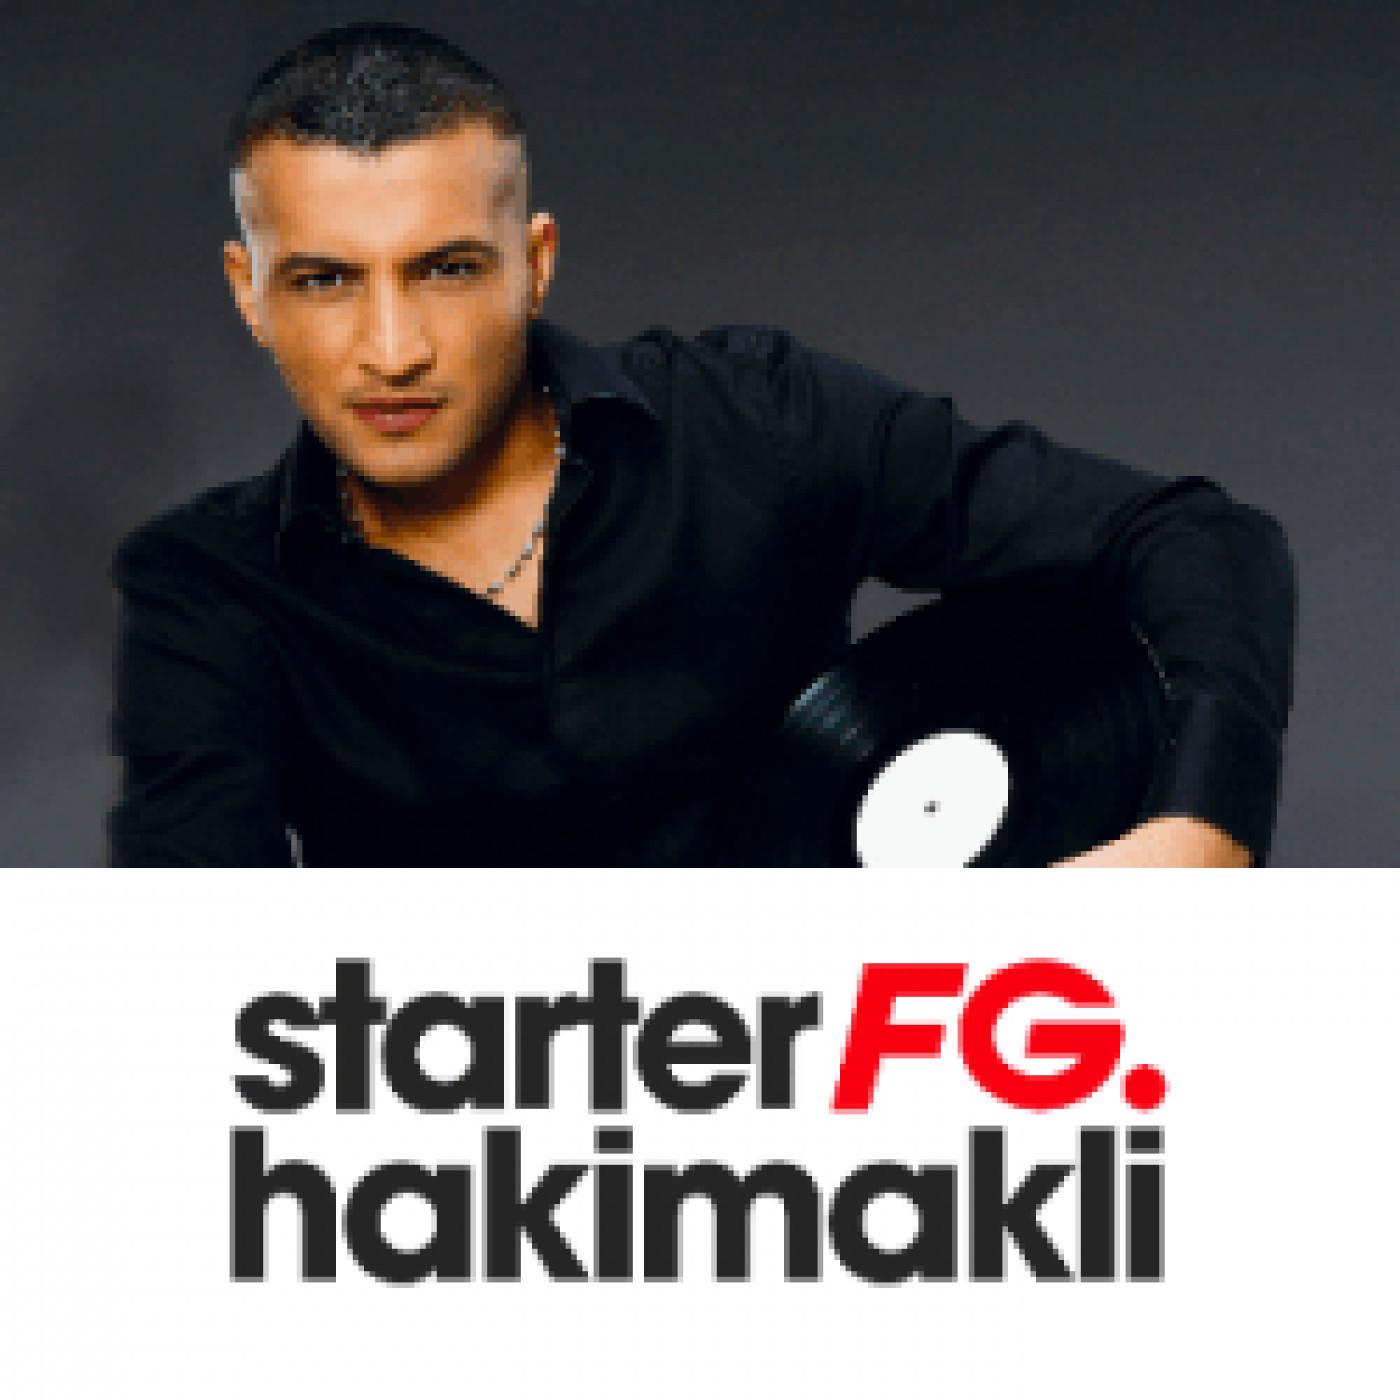 STARTER FG BY HAKIMAKLI JEUDI 17 SEPTEMBRE 2020